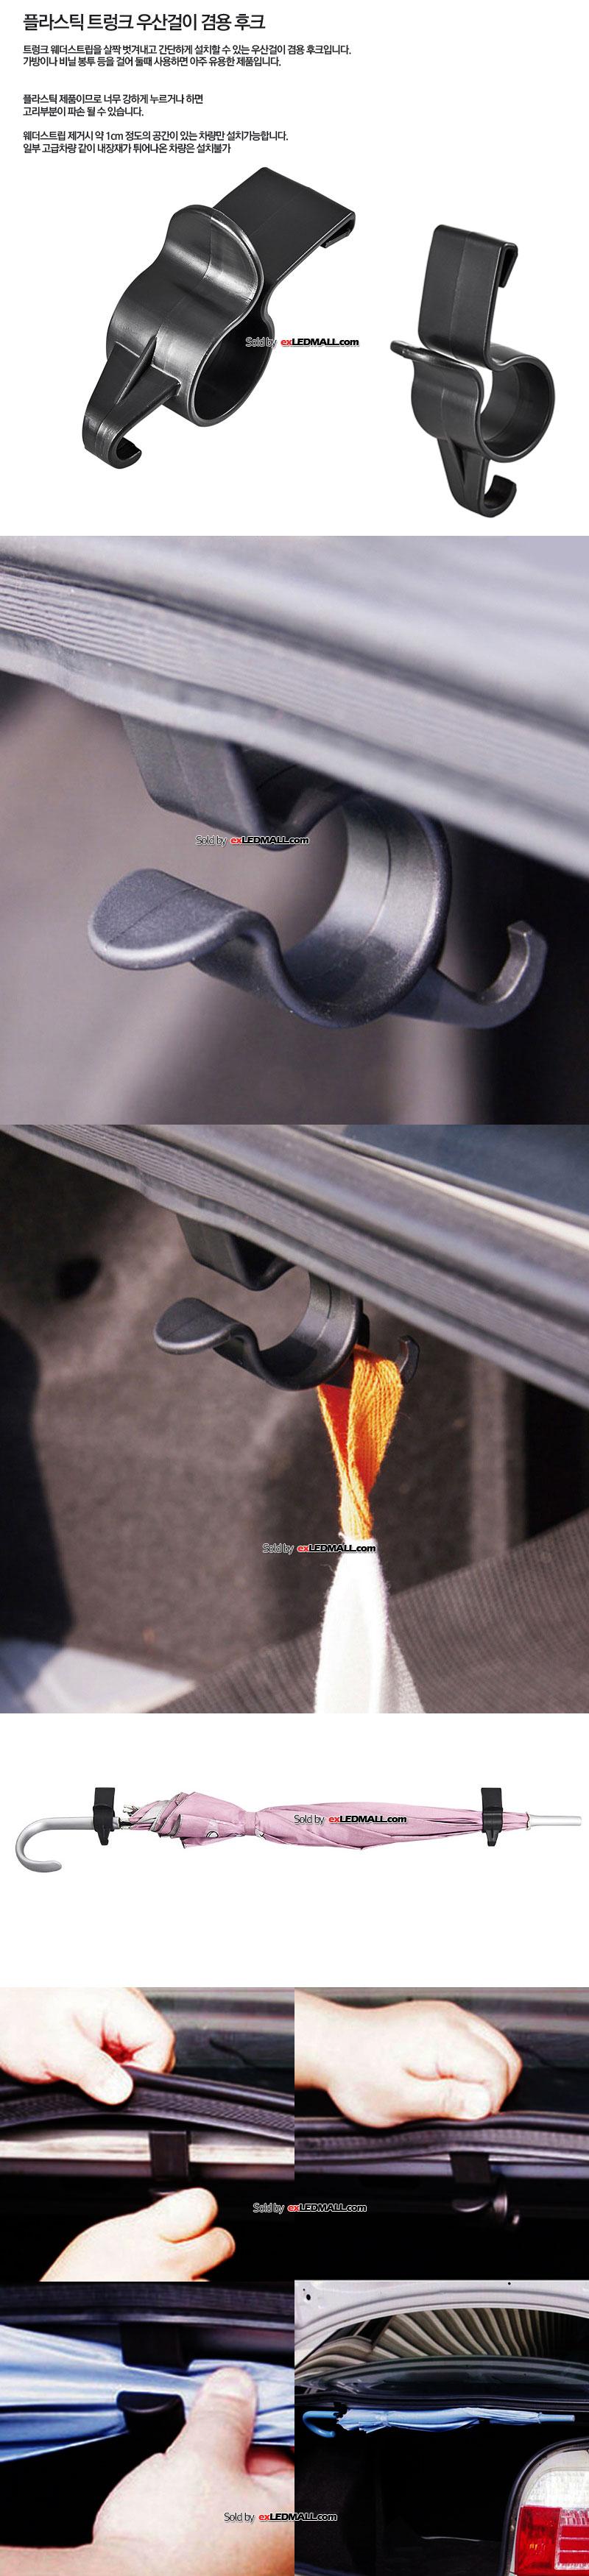 플라스틱 트렁크 우산걸이 겸용 후크 (1개)